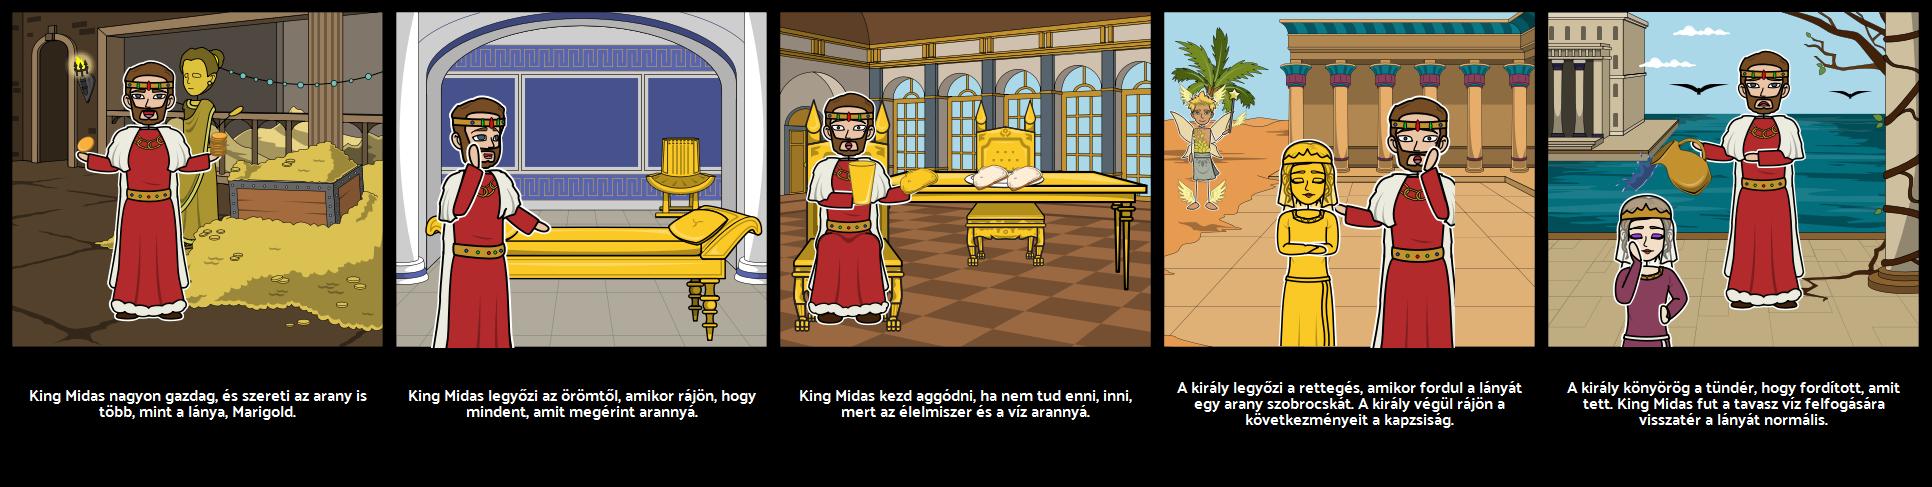 King Midas' Golden Touch Karakter Elemzés